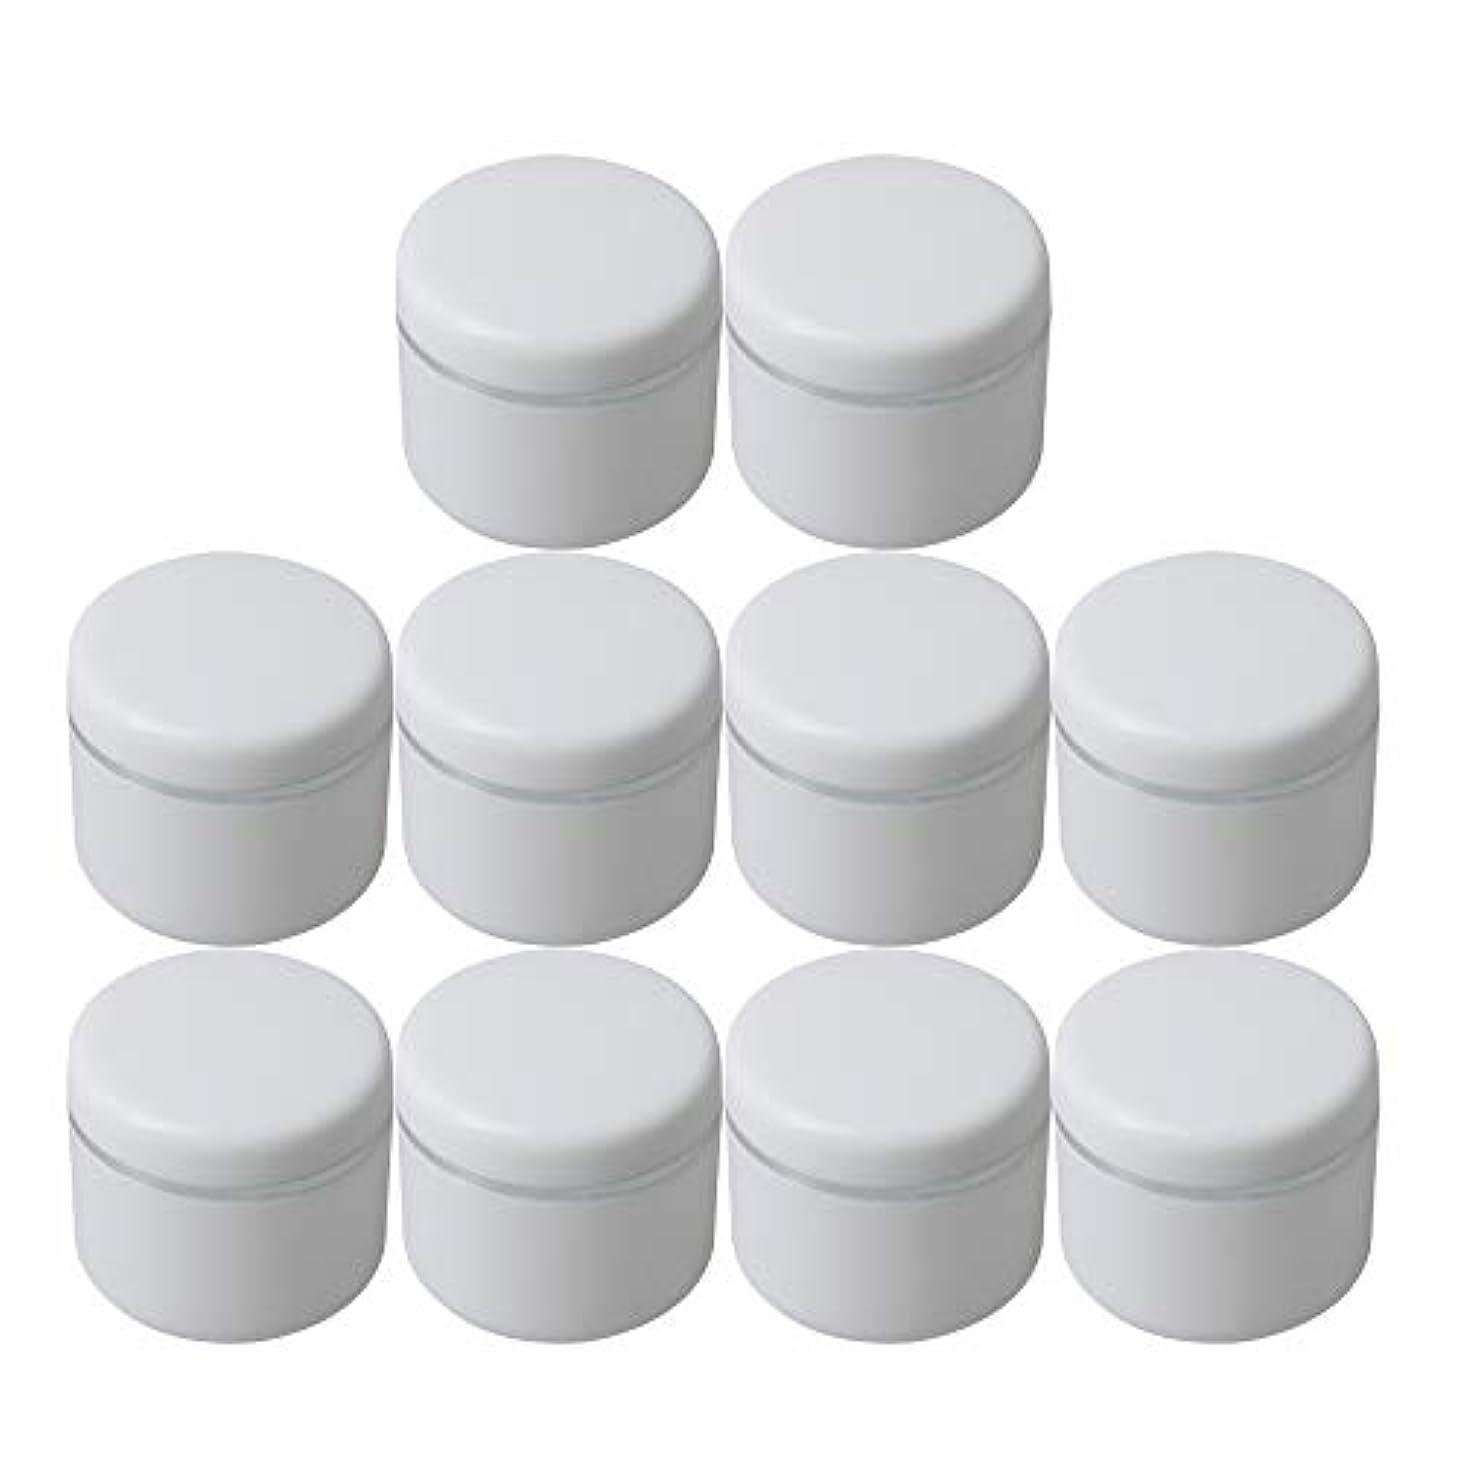 カブ許容ホイストDiystyle 10個入 クリームケース 空ポット 空容器 化粧品用 30g 詰替え ホワイト